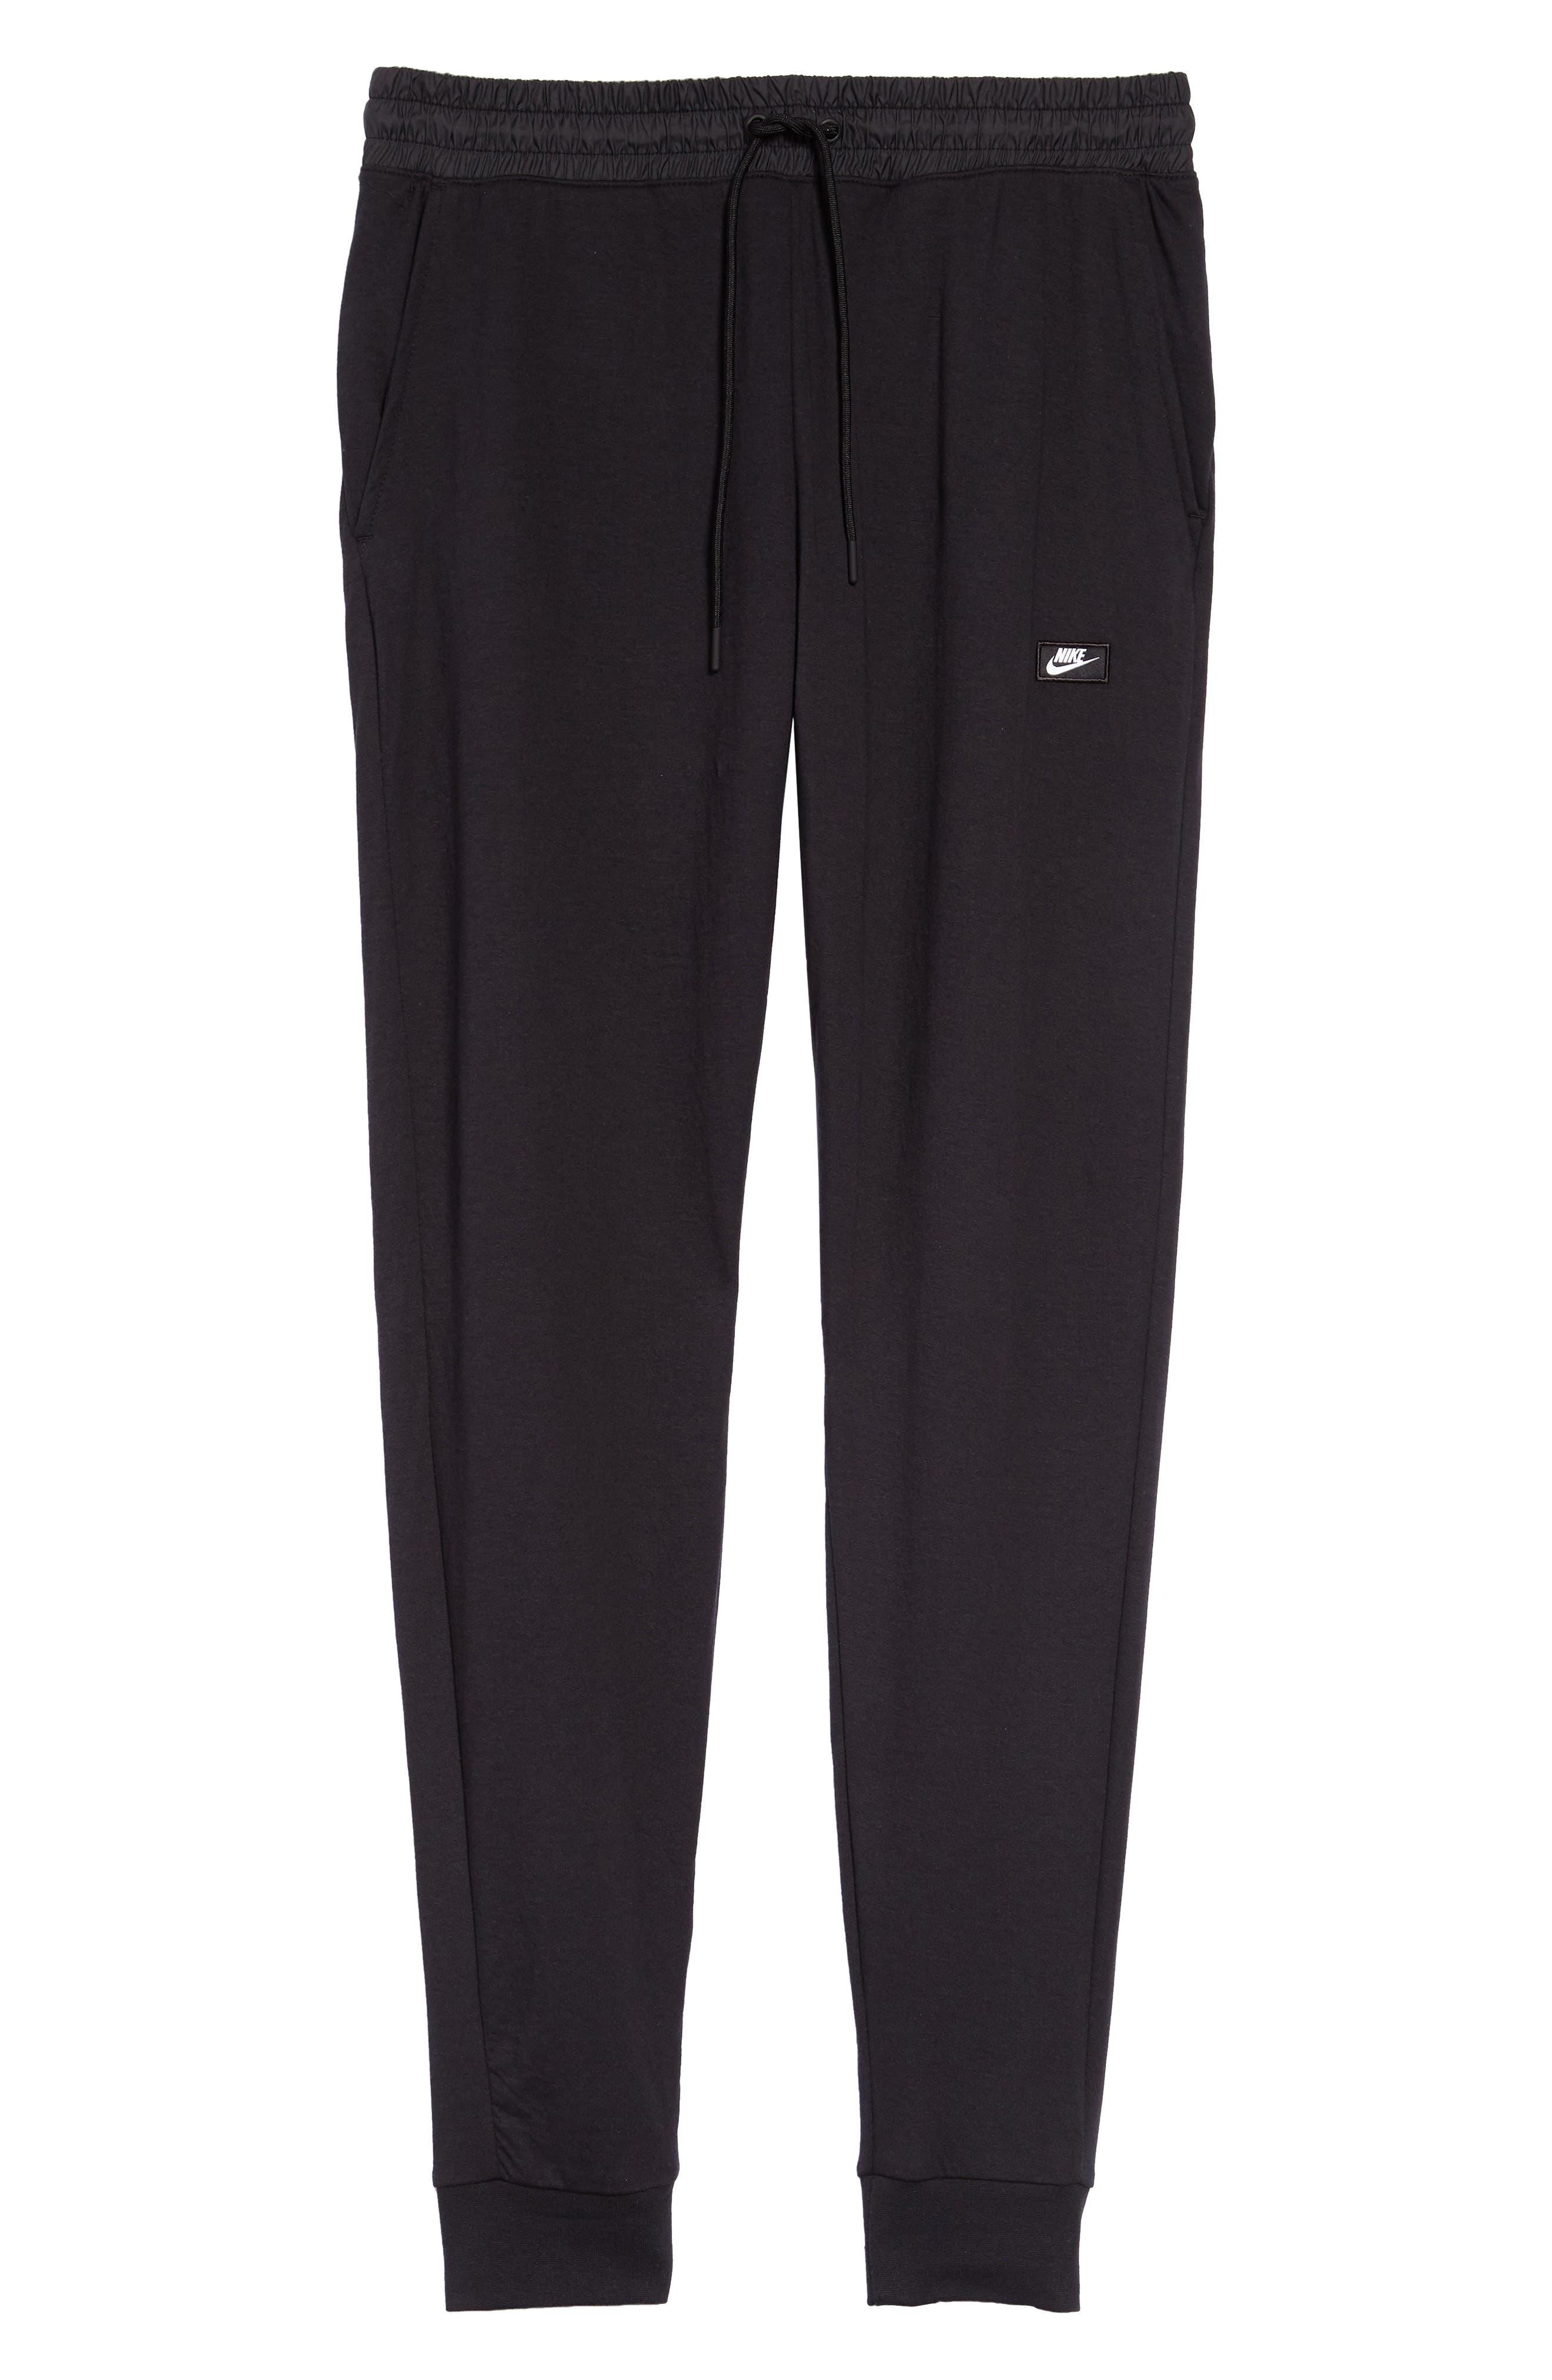 Modern Jogger Pants,                             Alternate thumbnail 6, color,                             BLACK/ BLACK